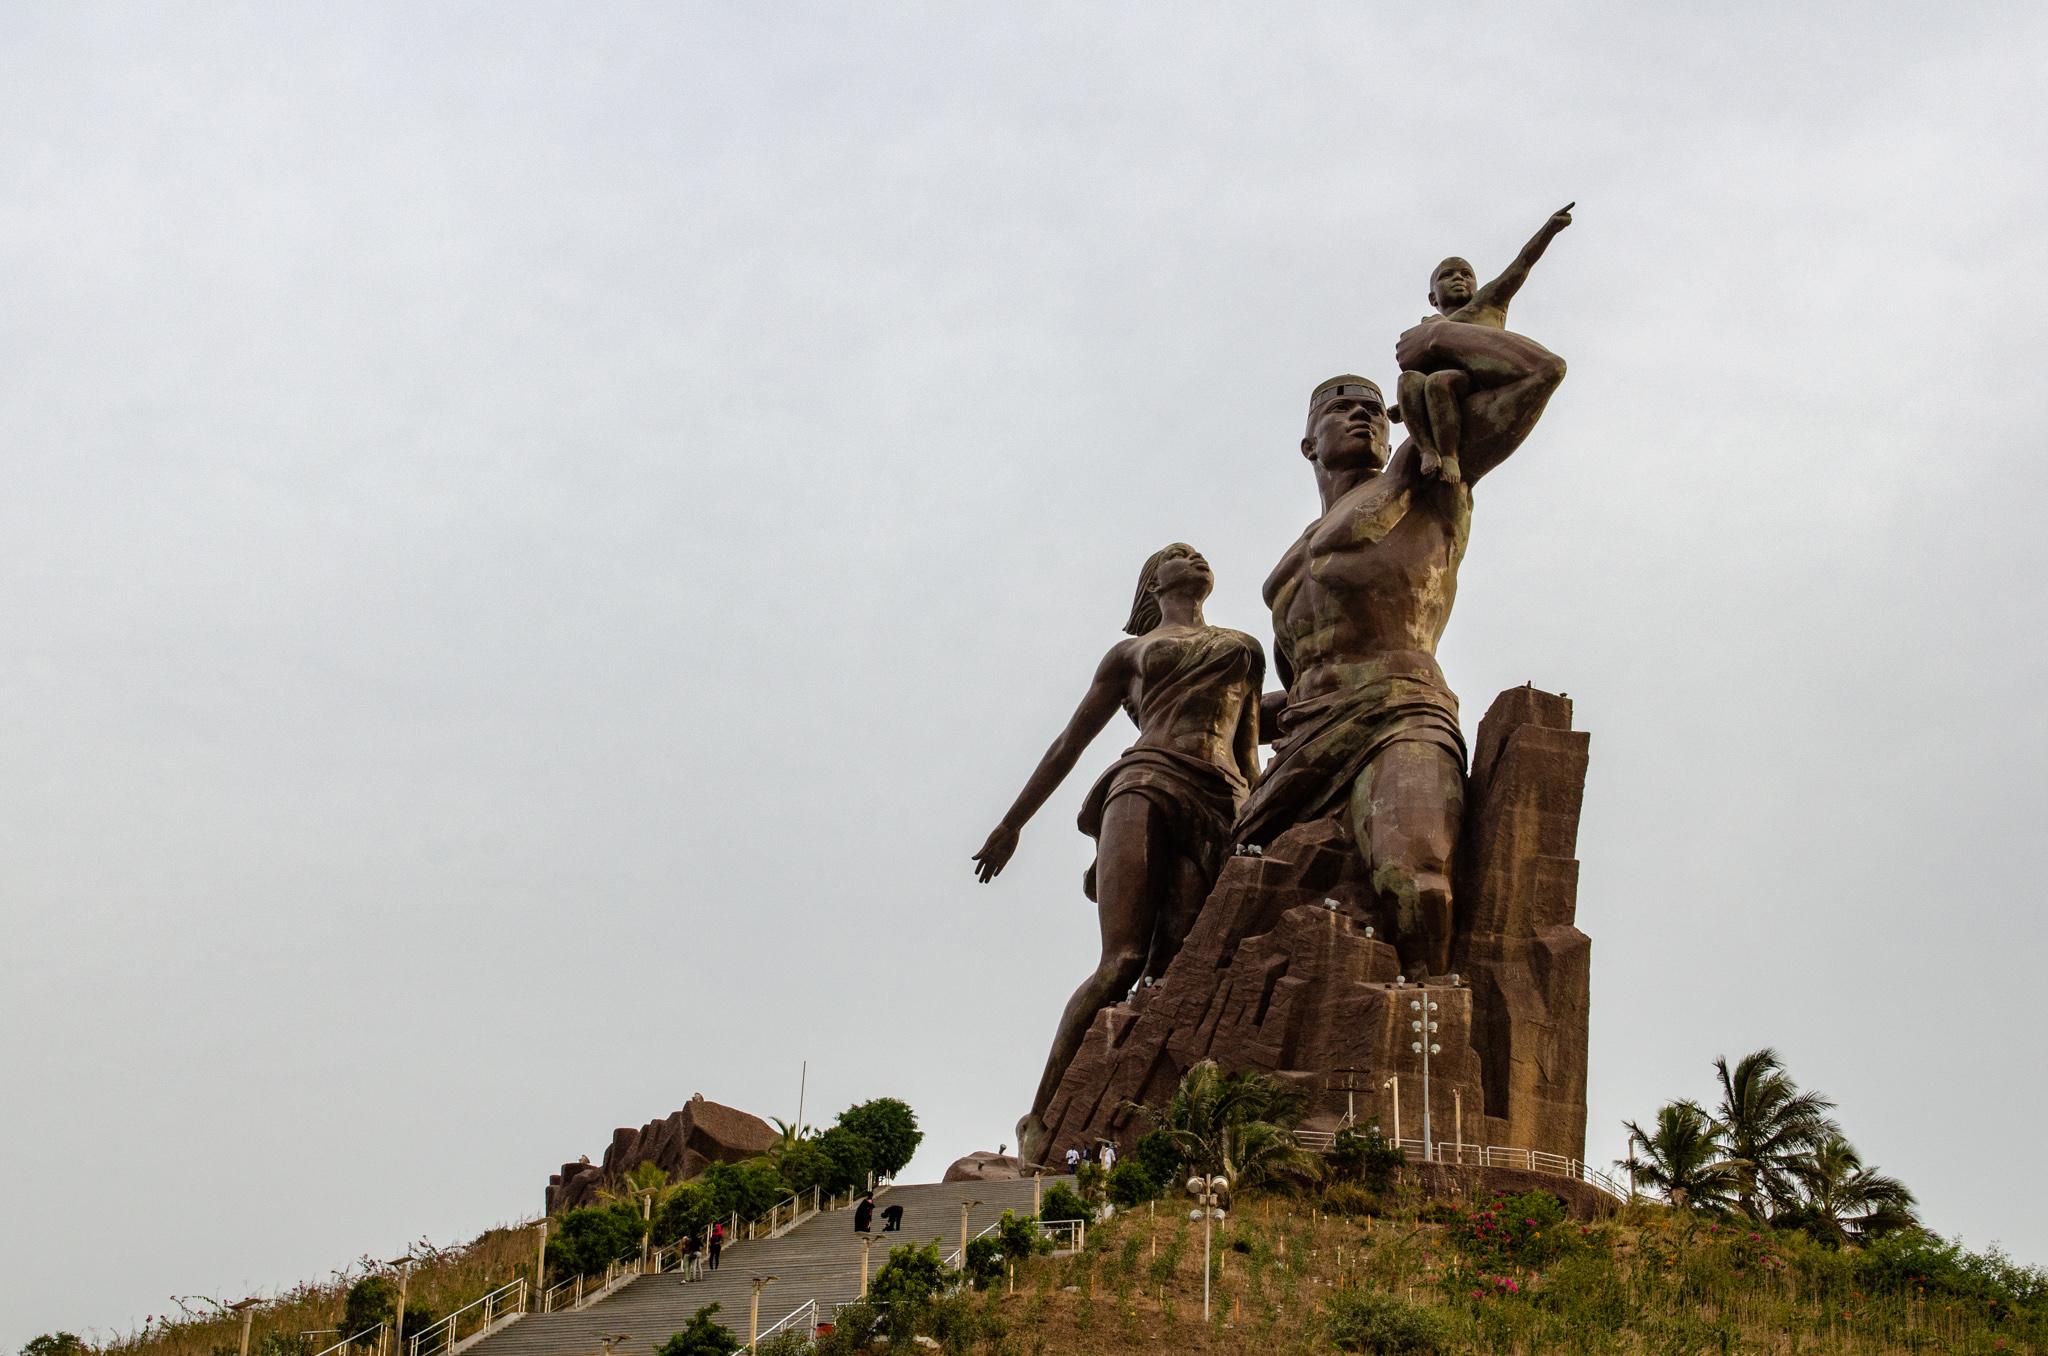 Senegal Sehenswürdigkeiten: Monument der Renaissance